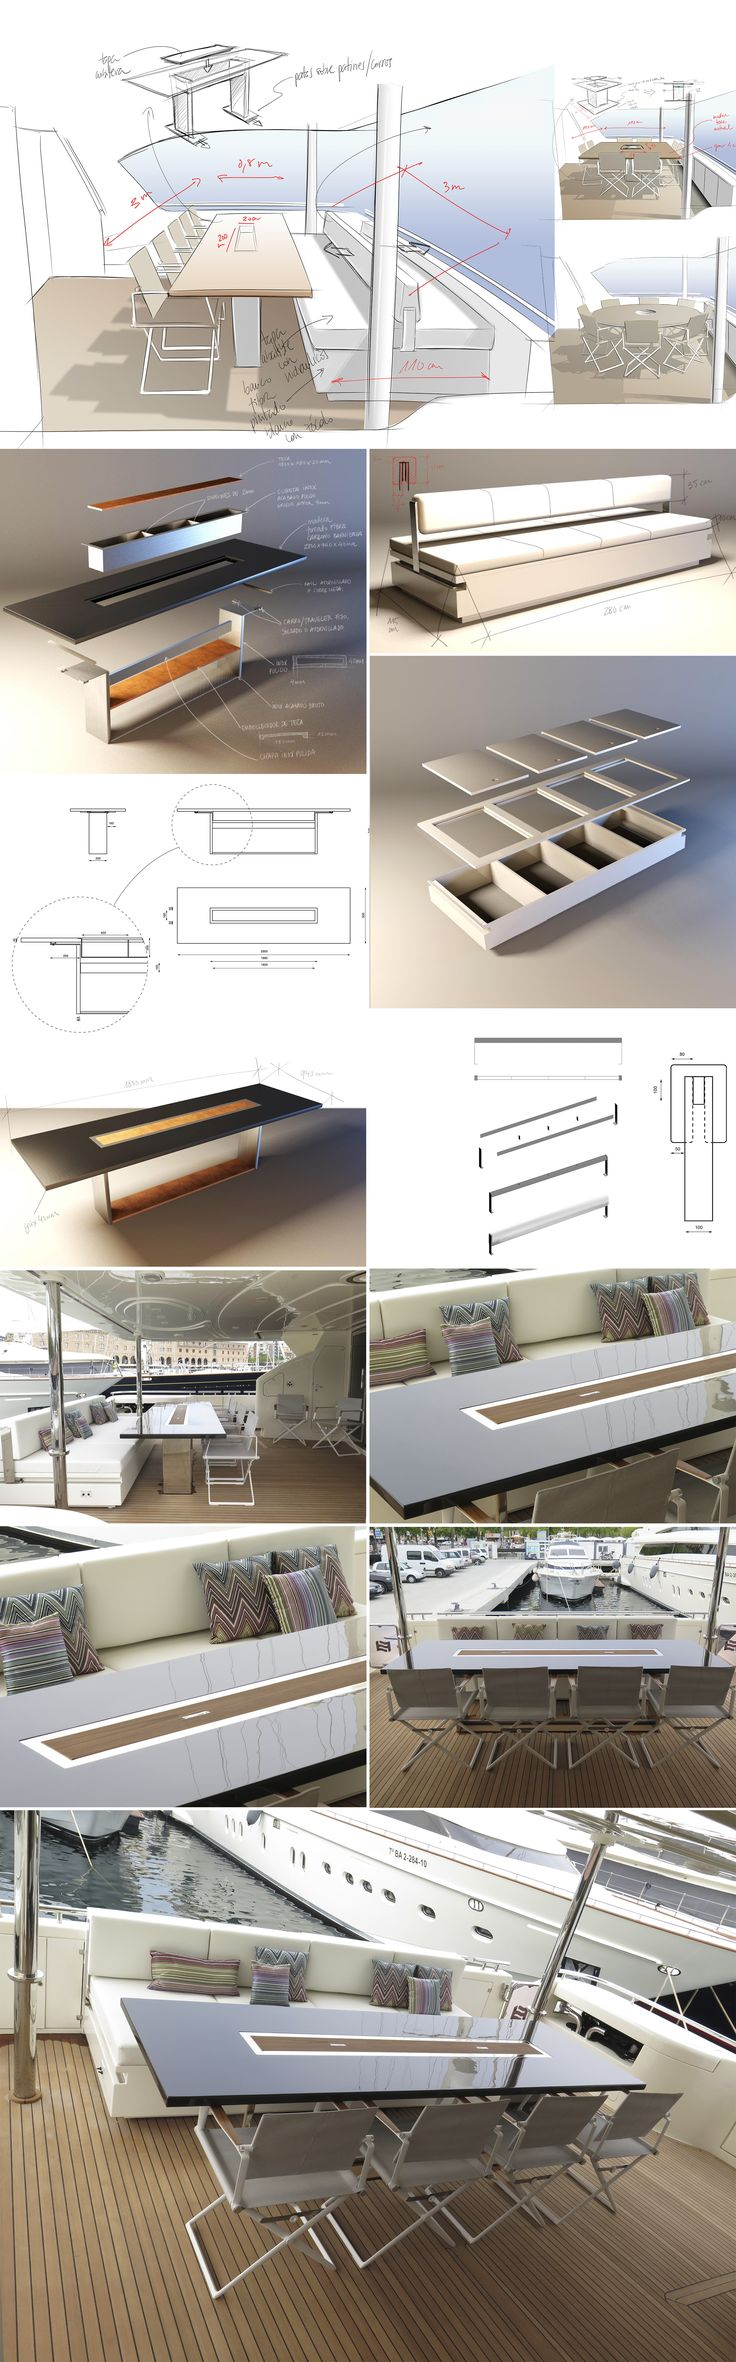 Yacht design - Ferretti 115 refit by Ubica-id